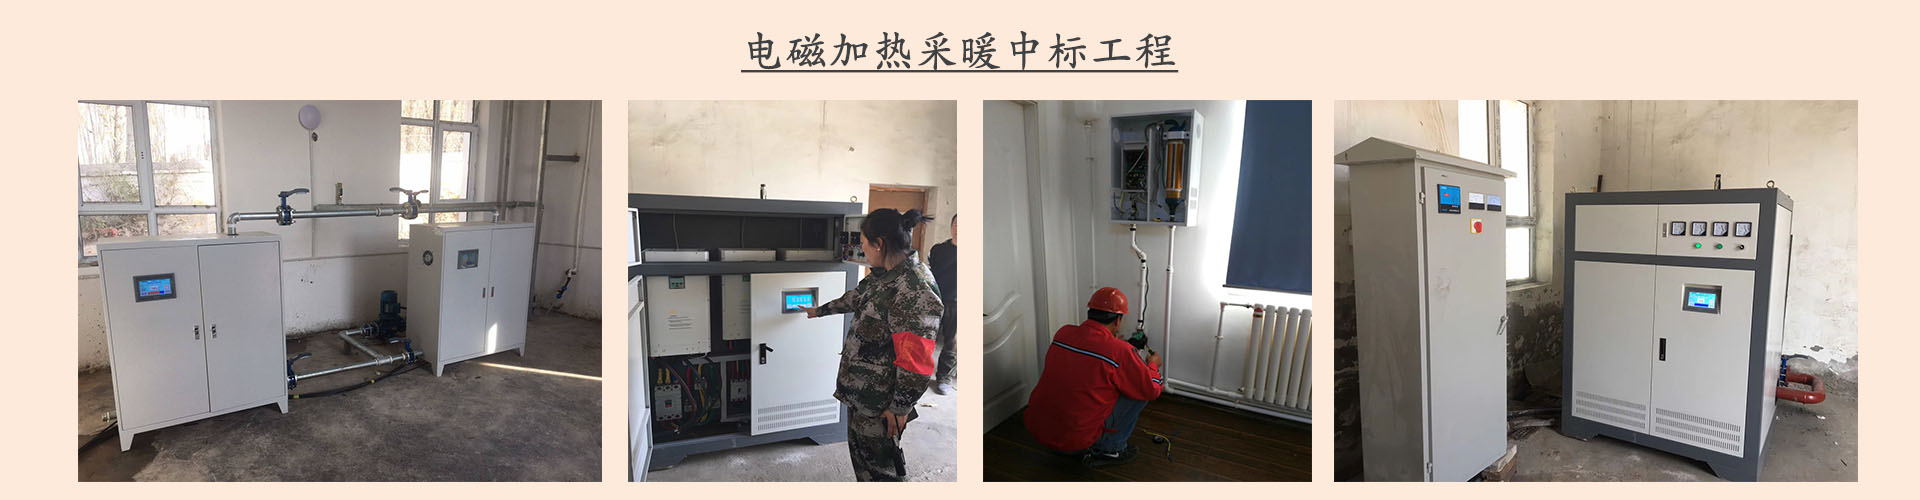 电磁采暖炉图片案例